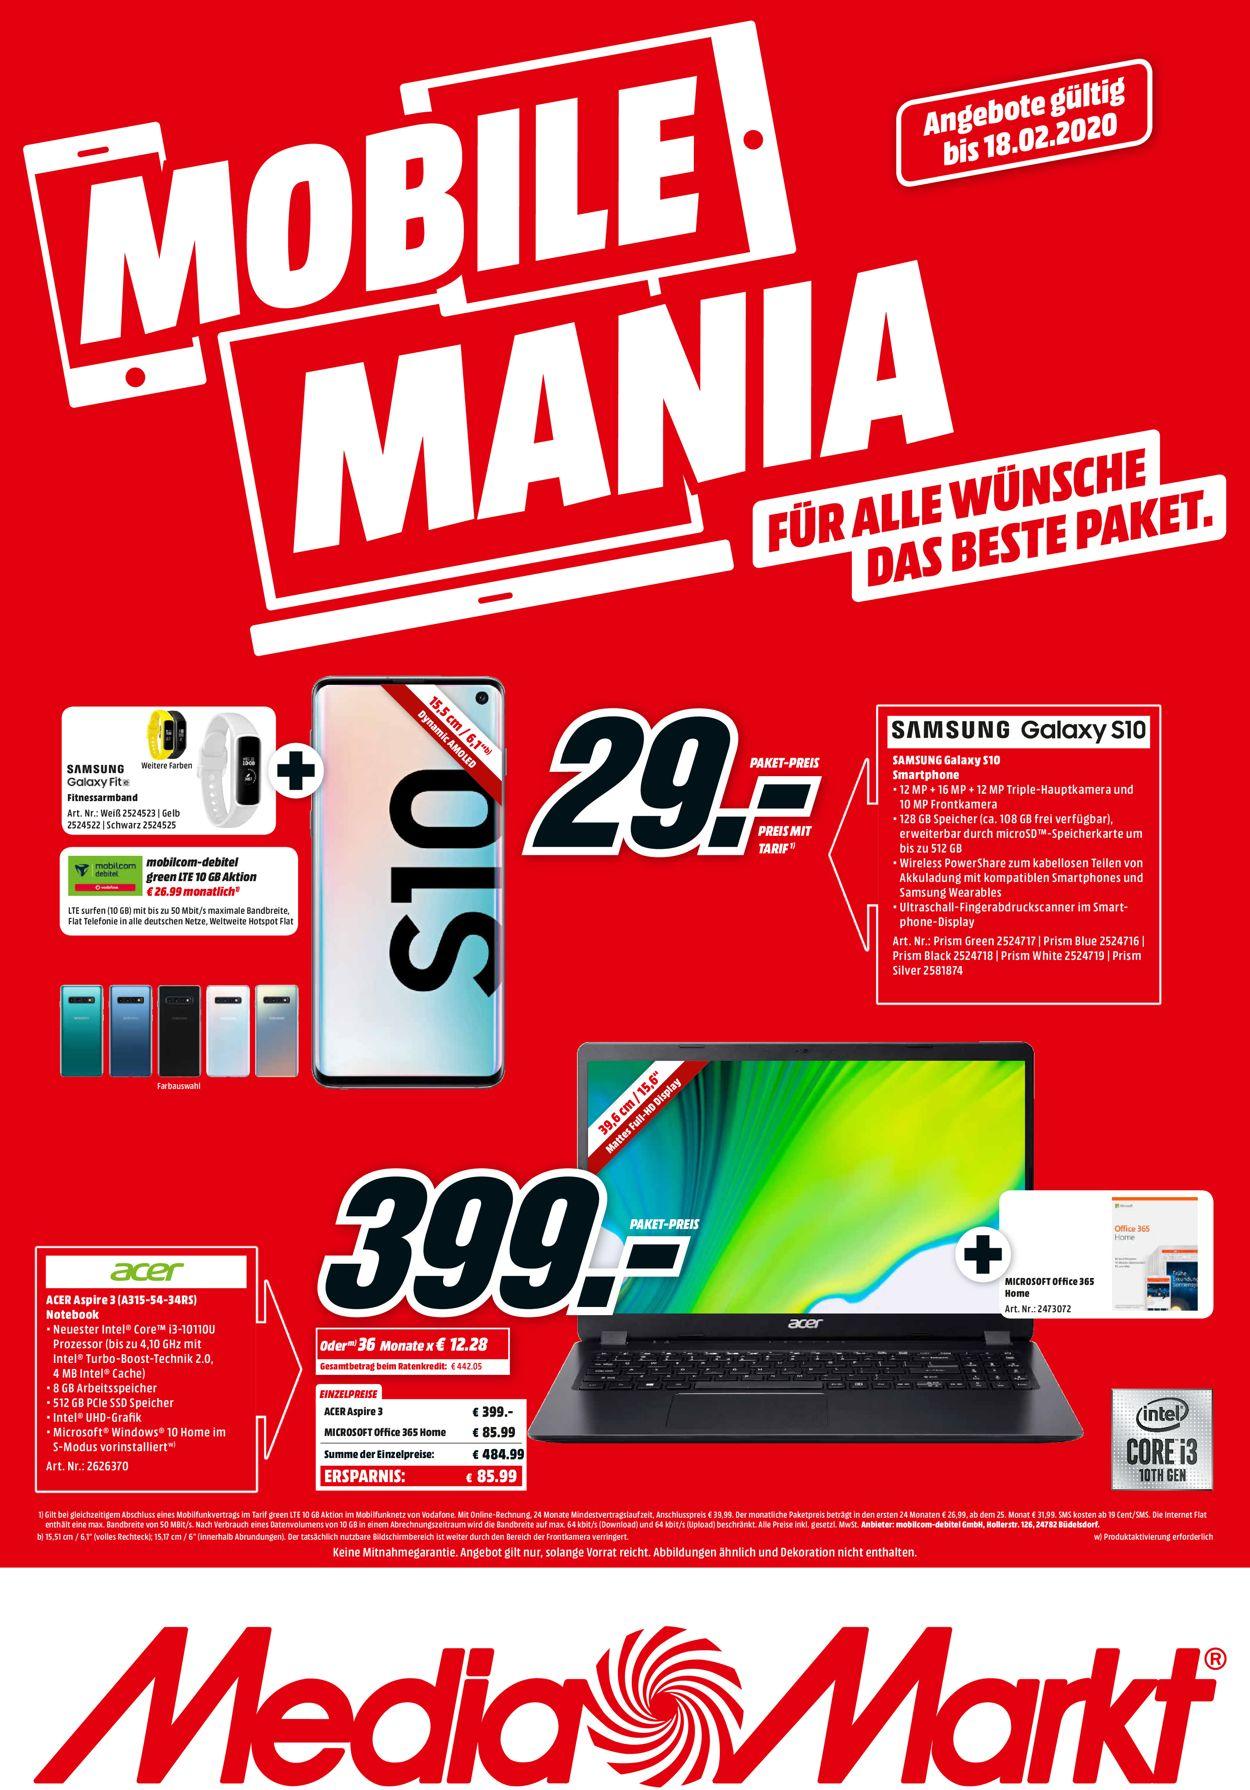 Media Markt Aktueller Prospekt 12.02 - 18.02.2020